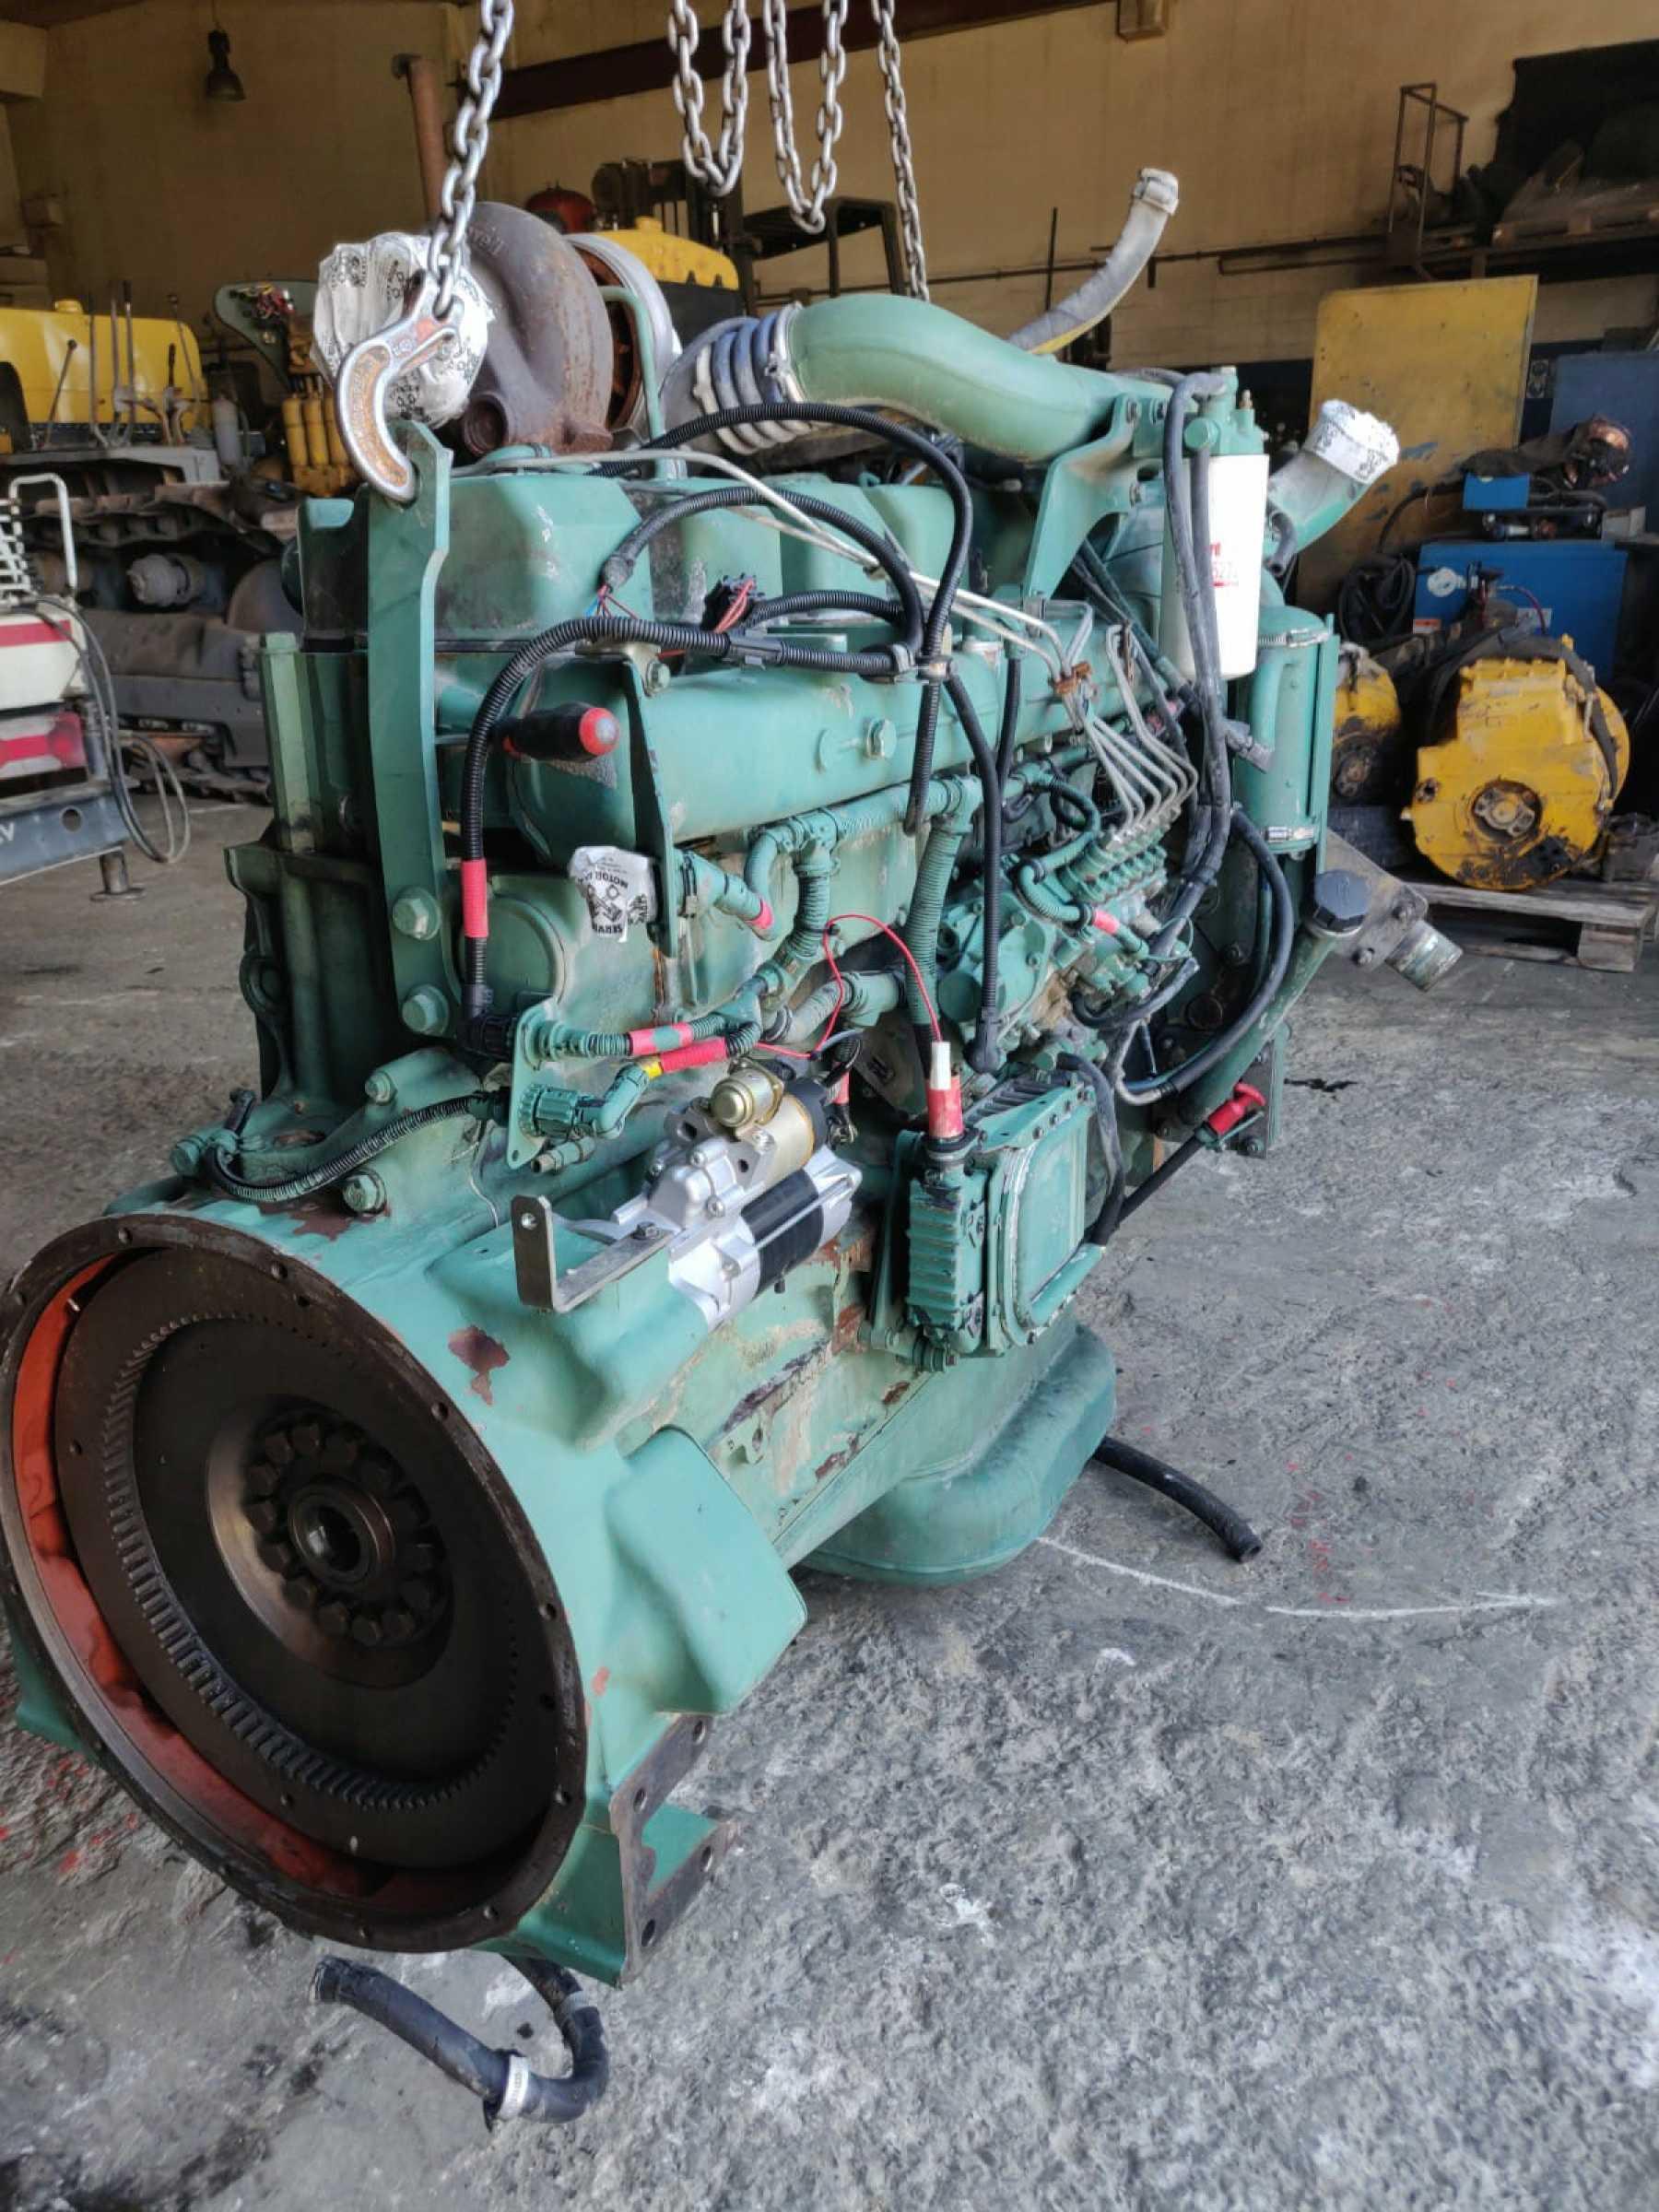 370 KW - 503 HP. Motore perfettamente funzionante.